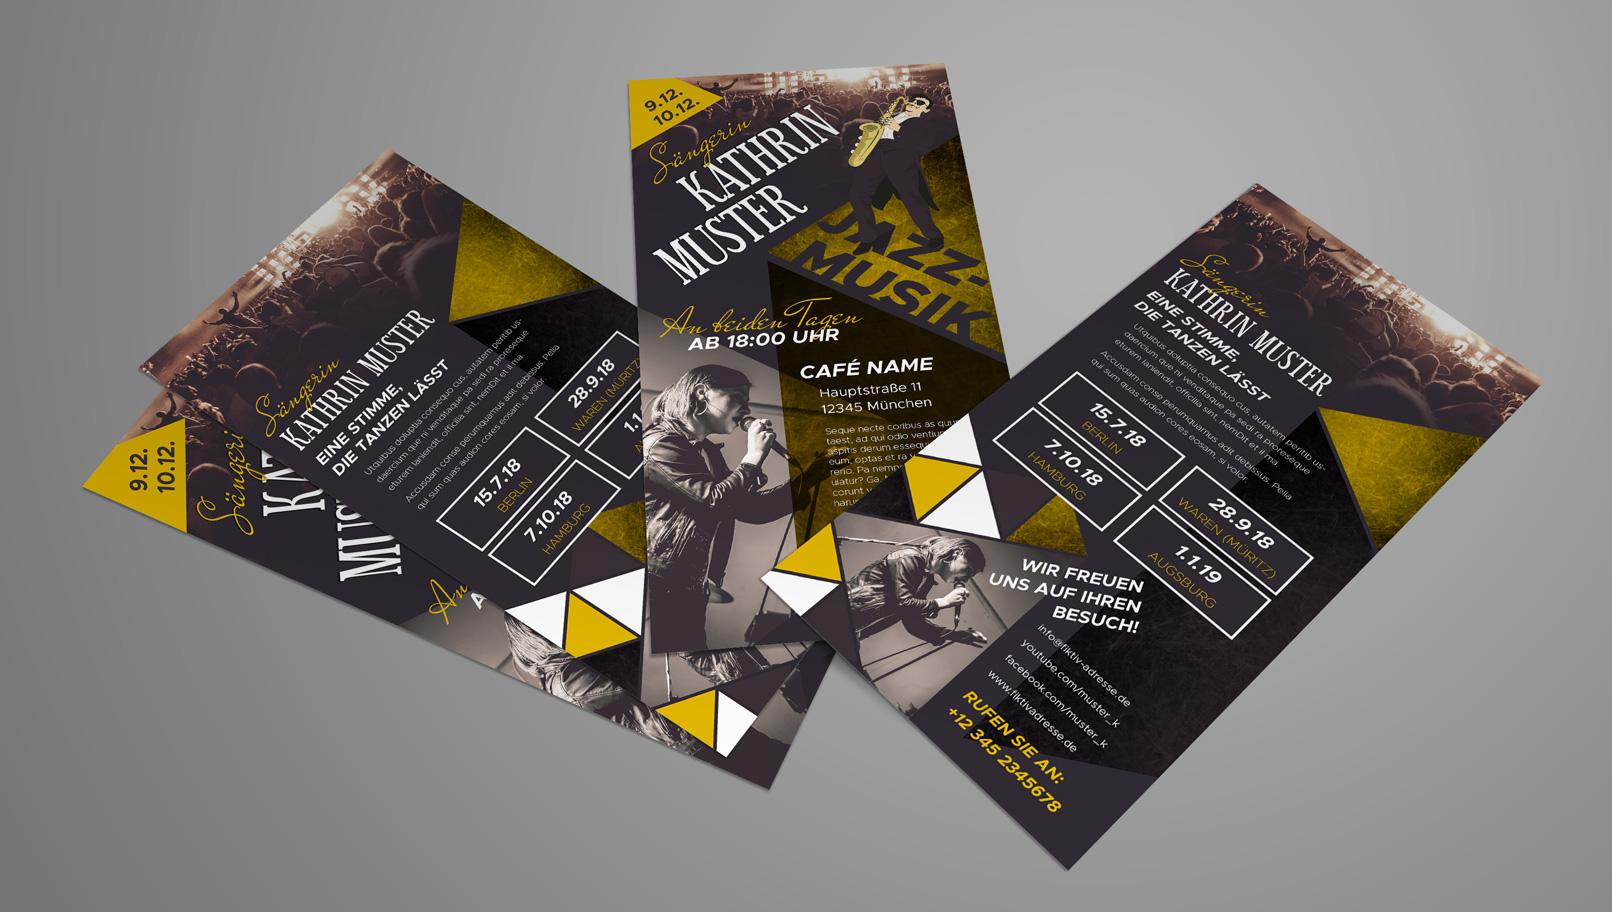 Flyer-Design zur Ankündigung von Konzerten und für Tour-Informationen